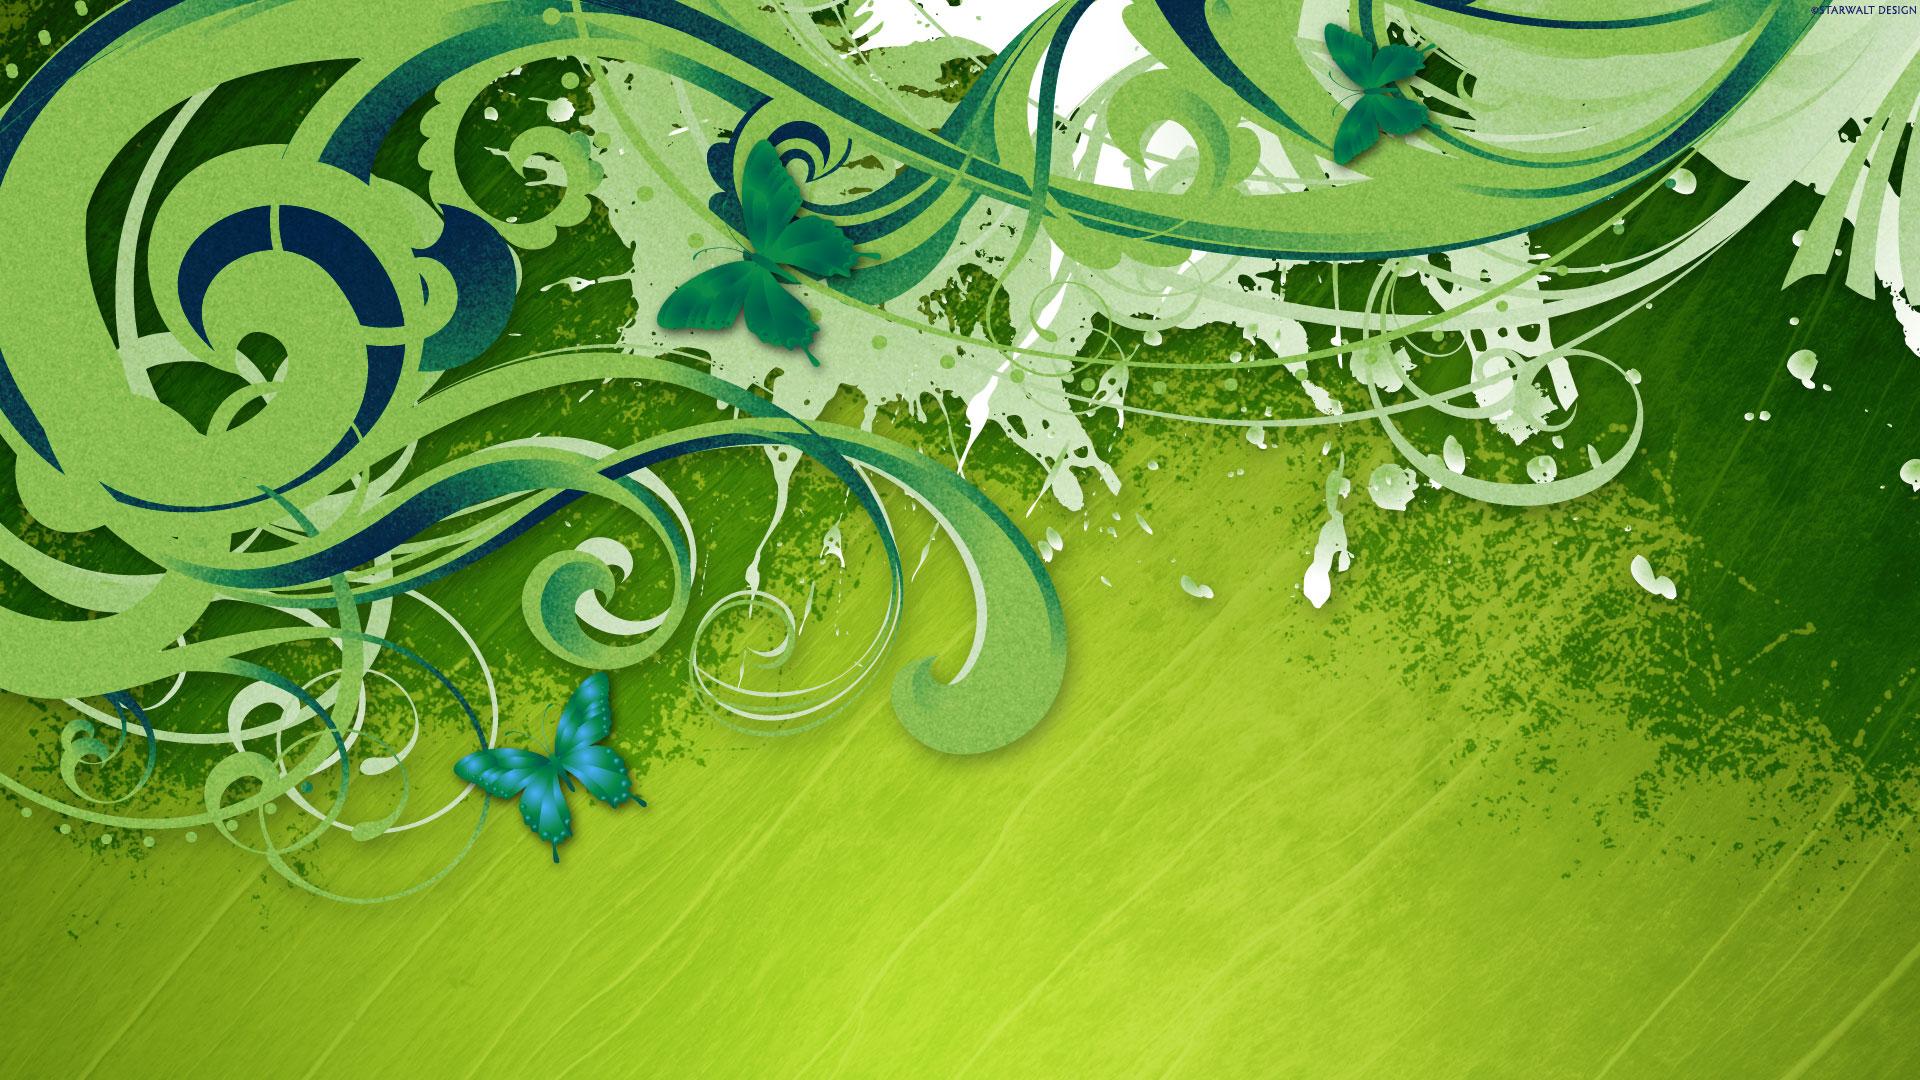 Hd wallpaper green - Green Vector Hdtv Wallpapers Hd Wallpapers